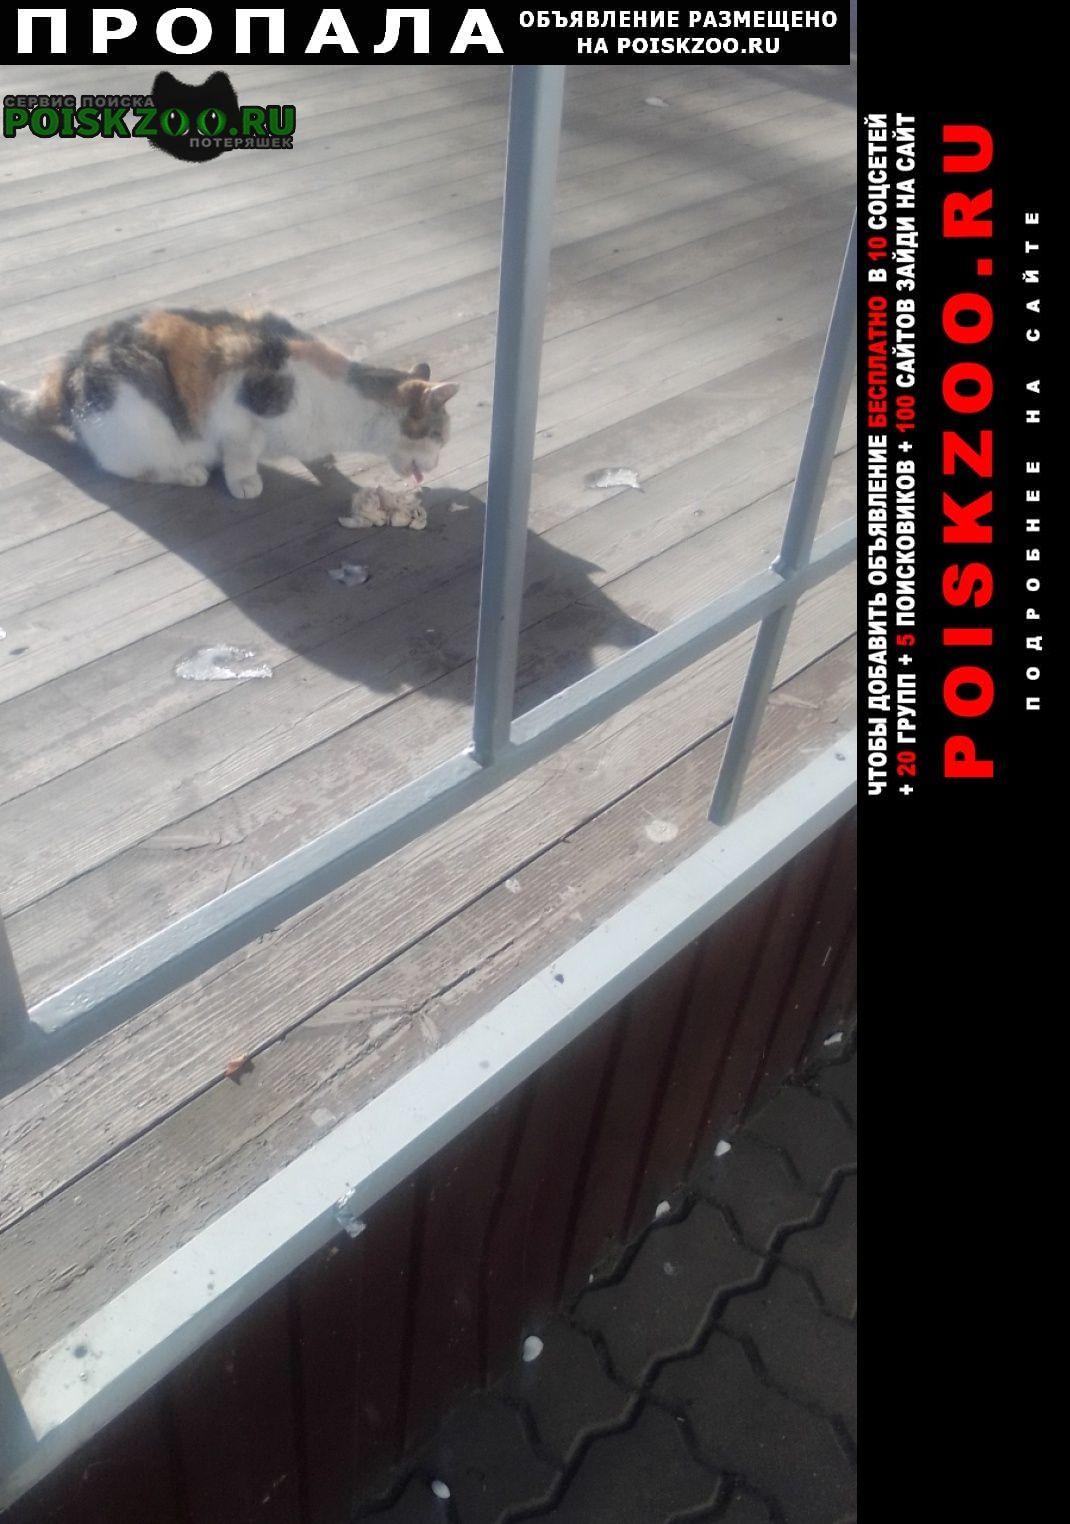 Пропала кошка муся трехцветная Белгород